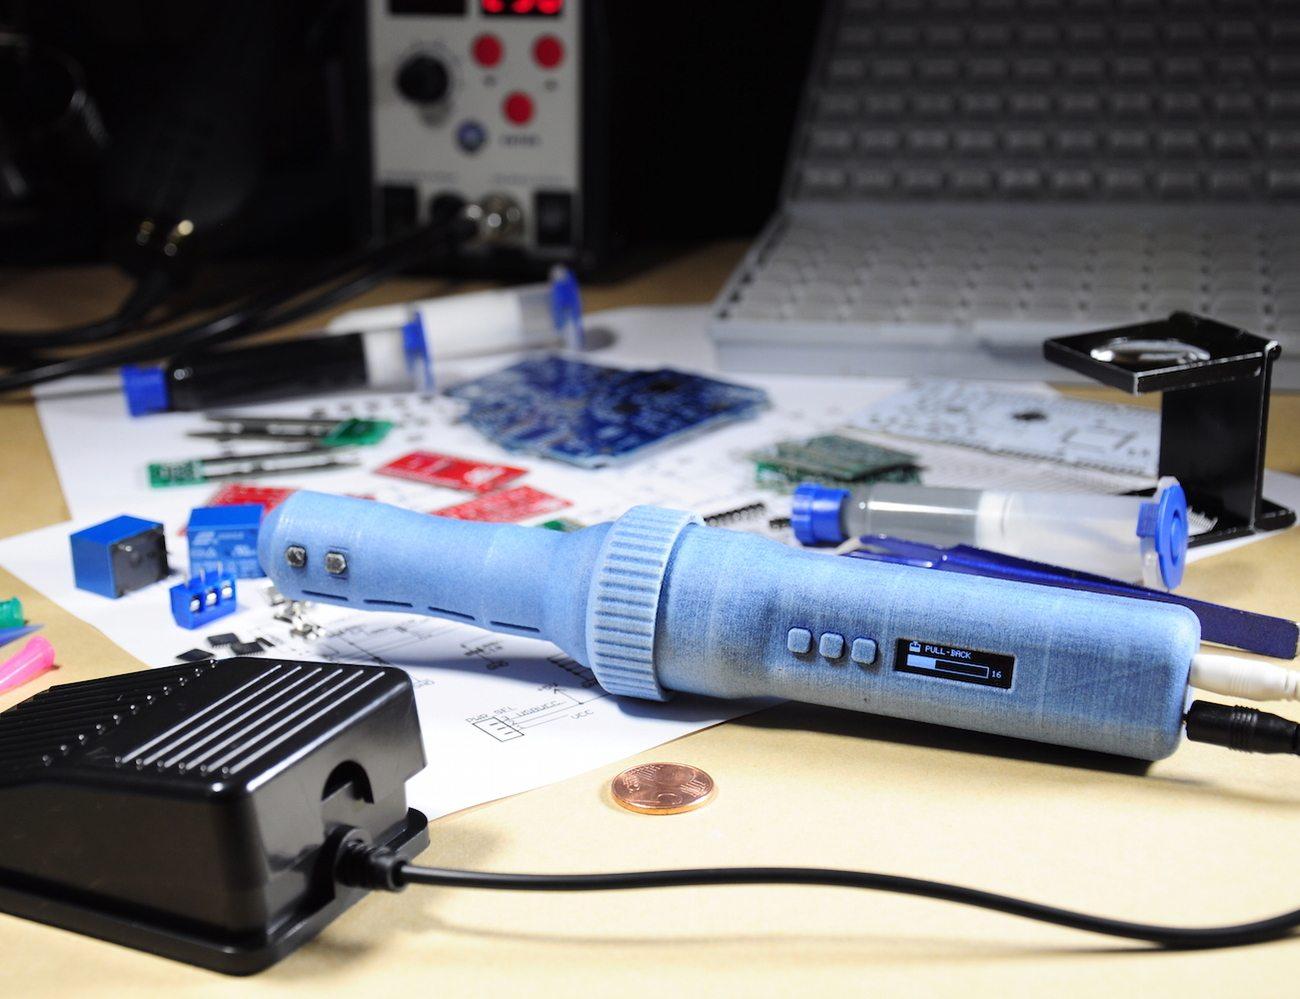 I-EXTRUDER – Smart Solder Paste and Fluids Dispenser for PCBs